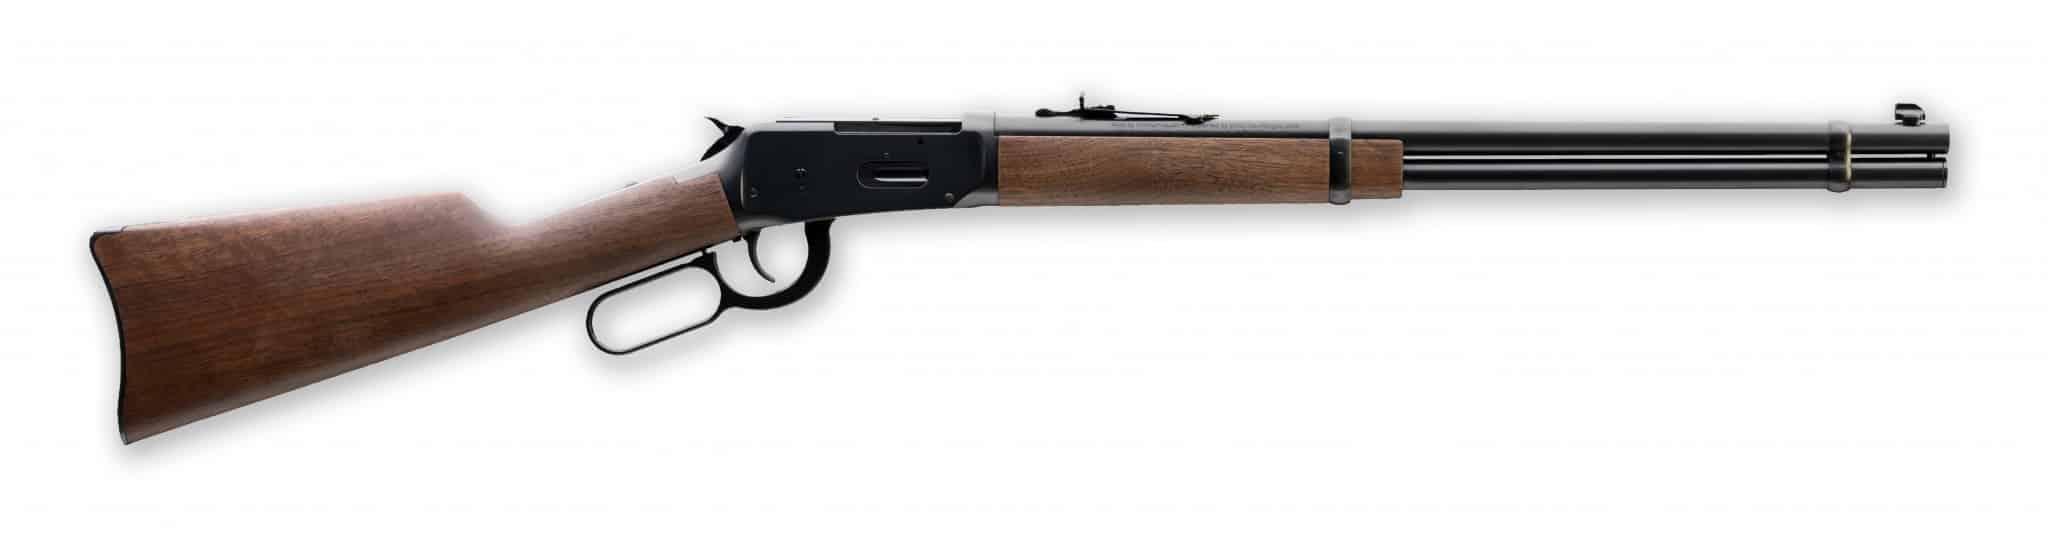 Winchester model 94 Carbine.